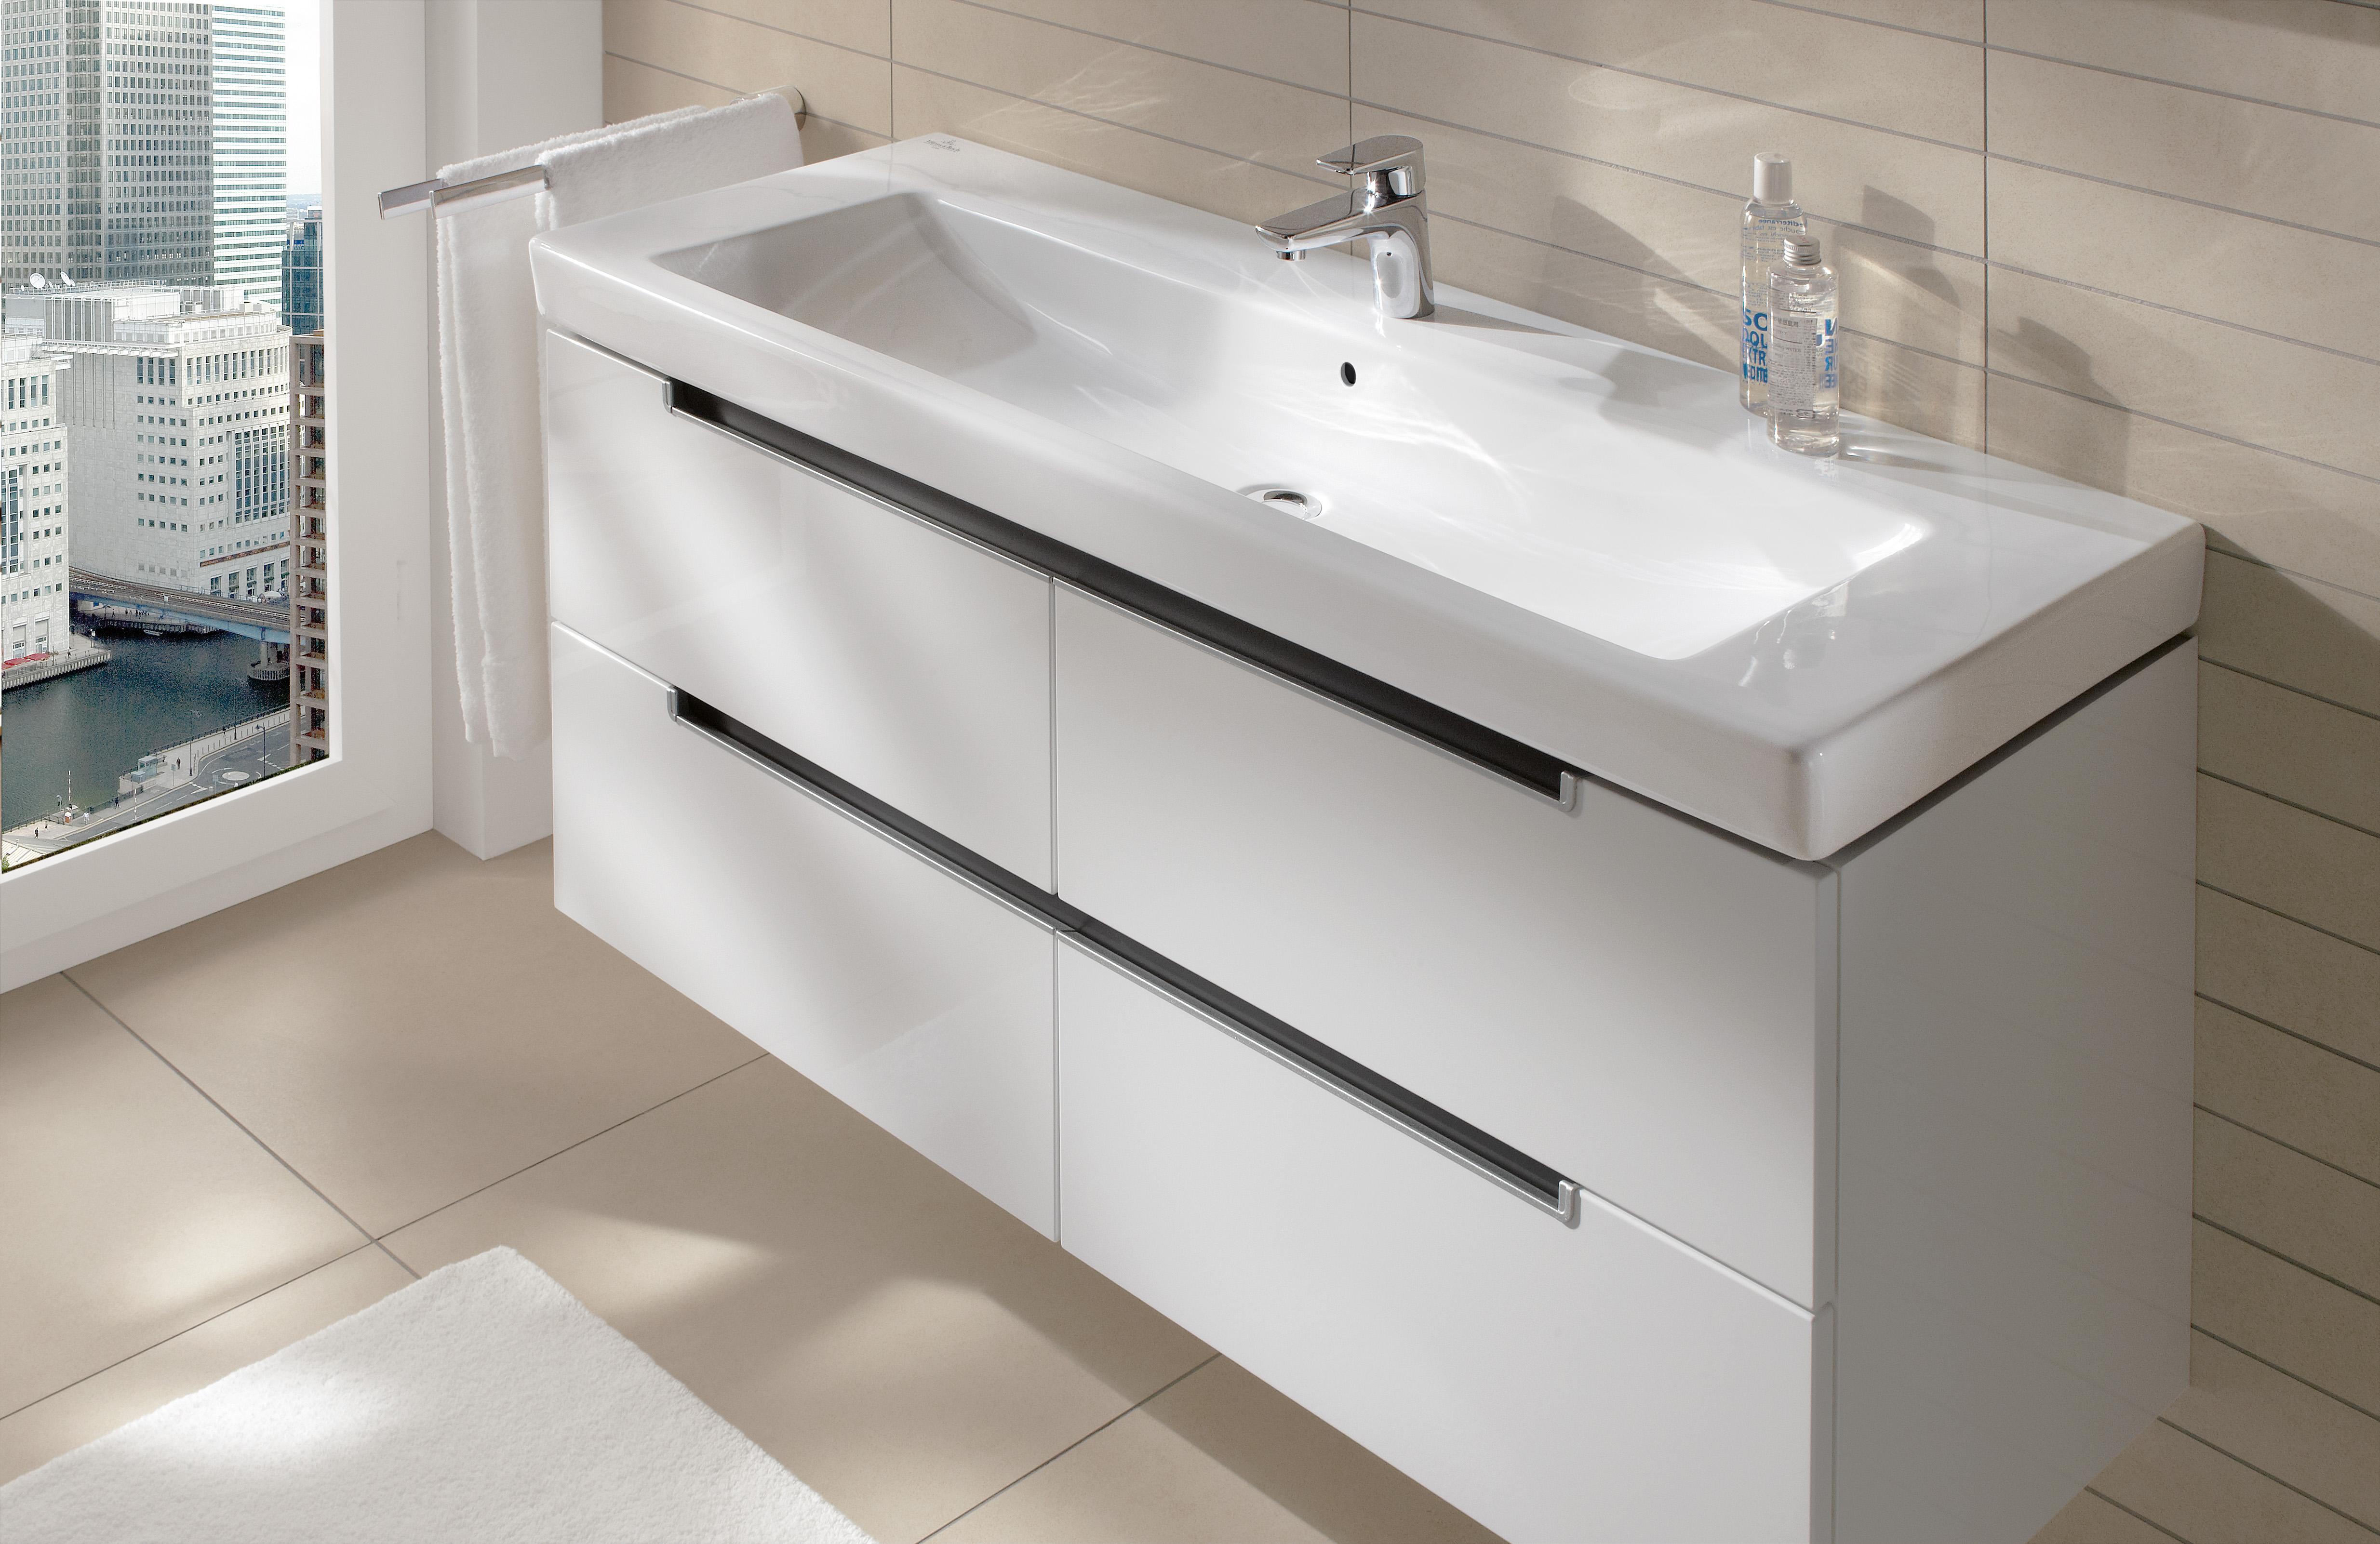 Subway 2.0 Meubles de salle de bains, Meuble pour lavabo, Meubles sous vasque